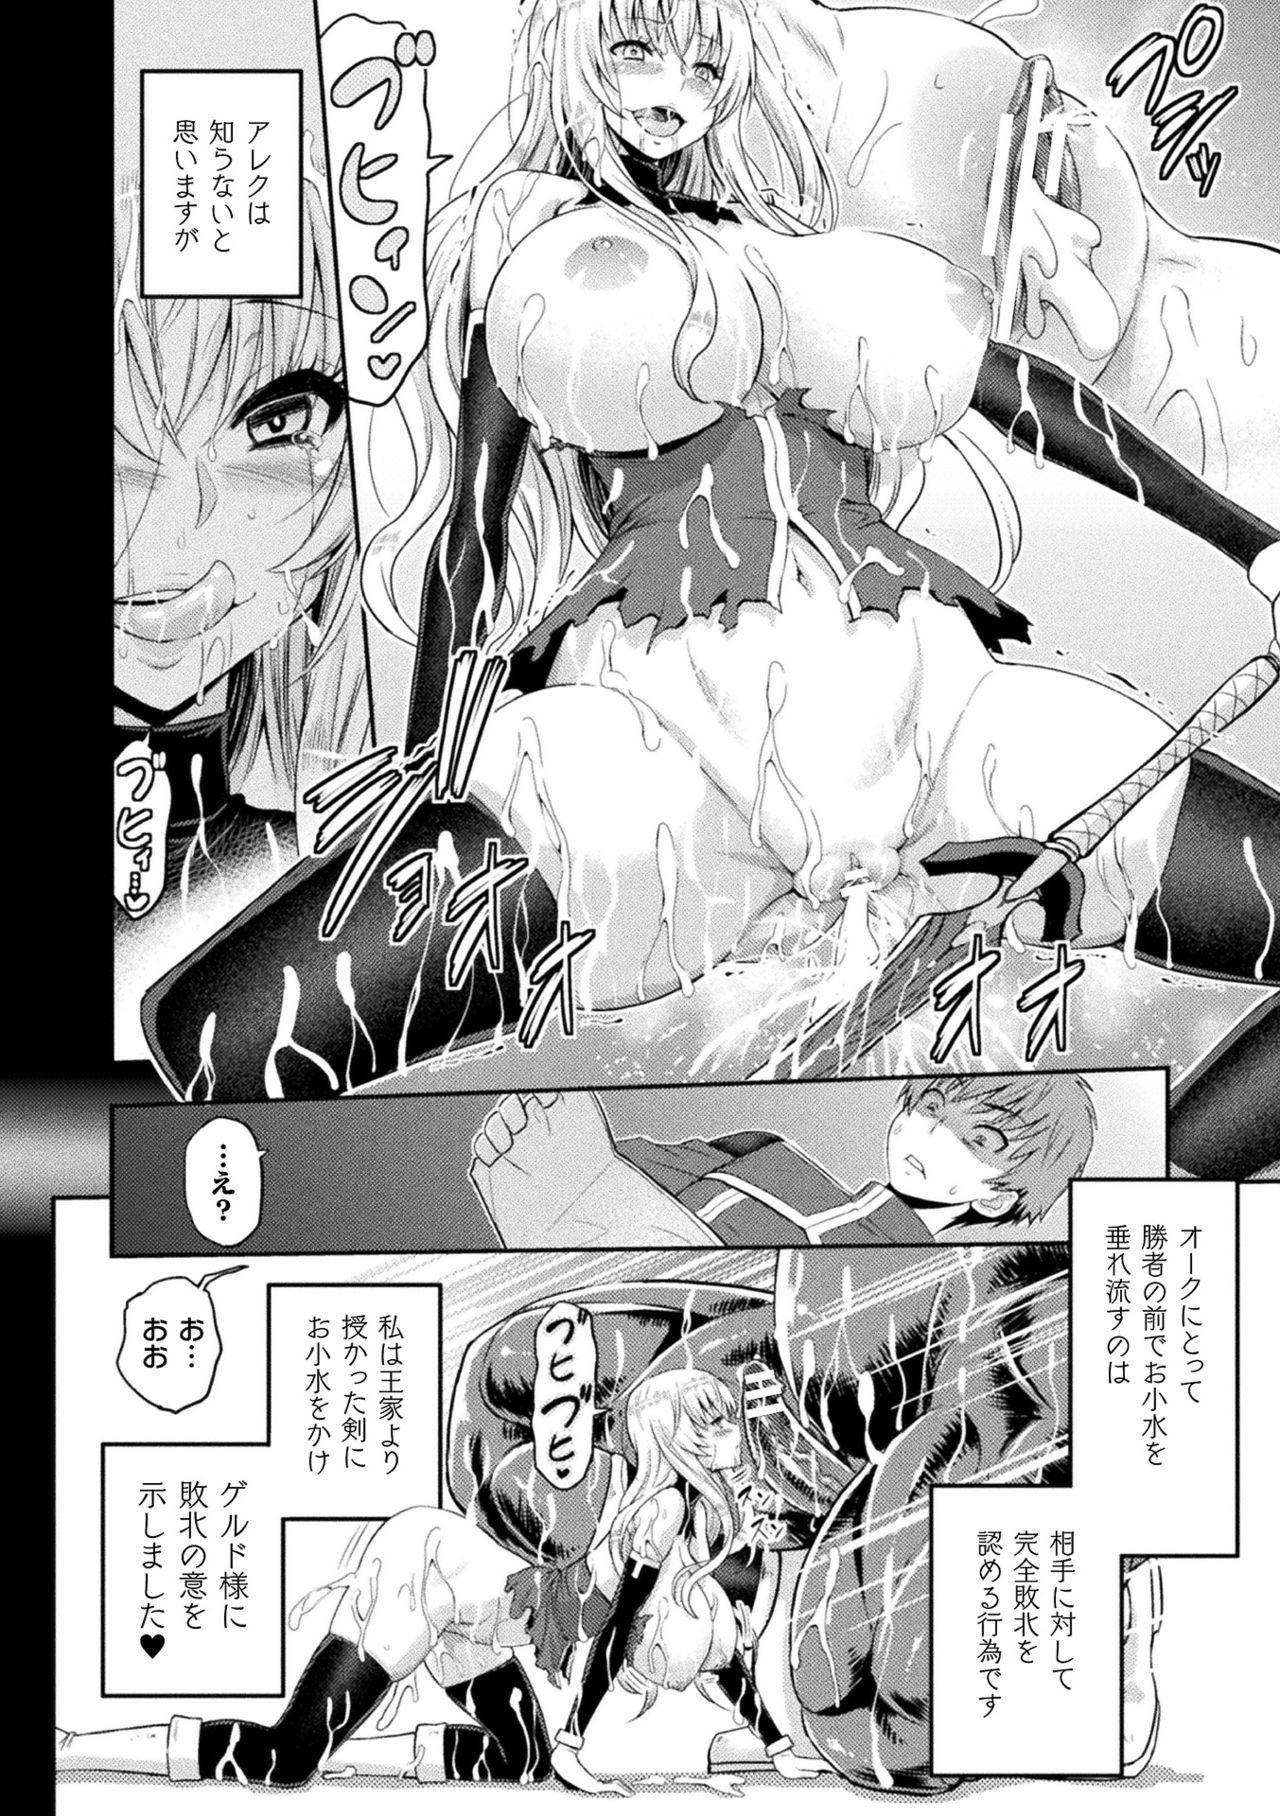 ERONA Orc no Inmon ni Okasareta Onna Kishi no Matsuro 169